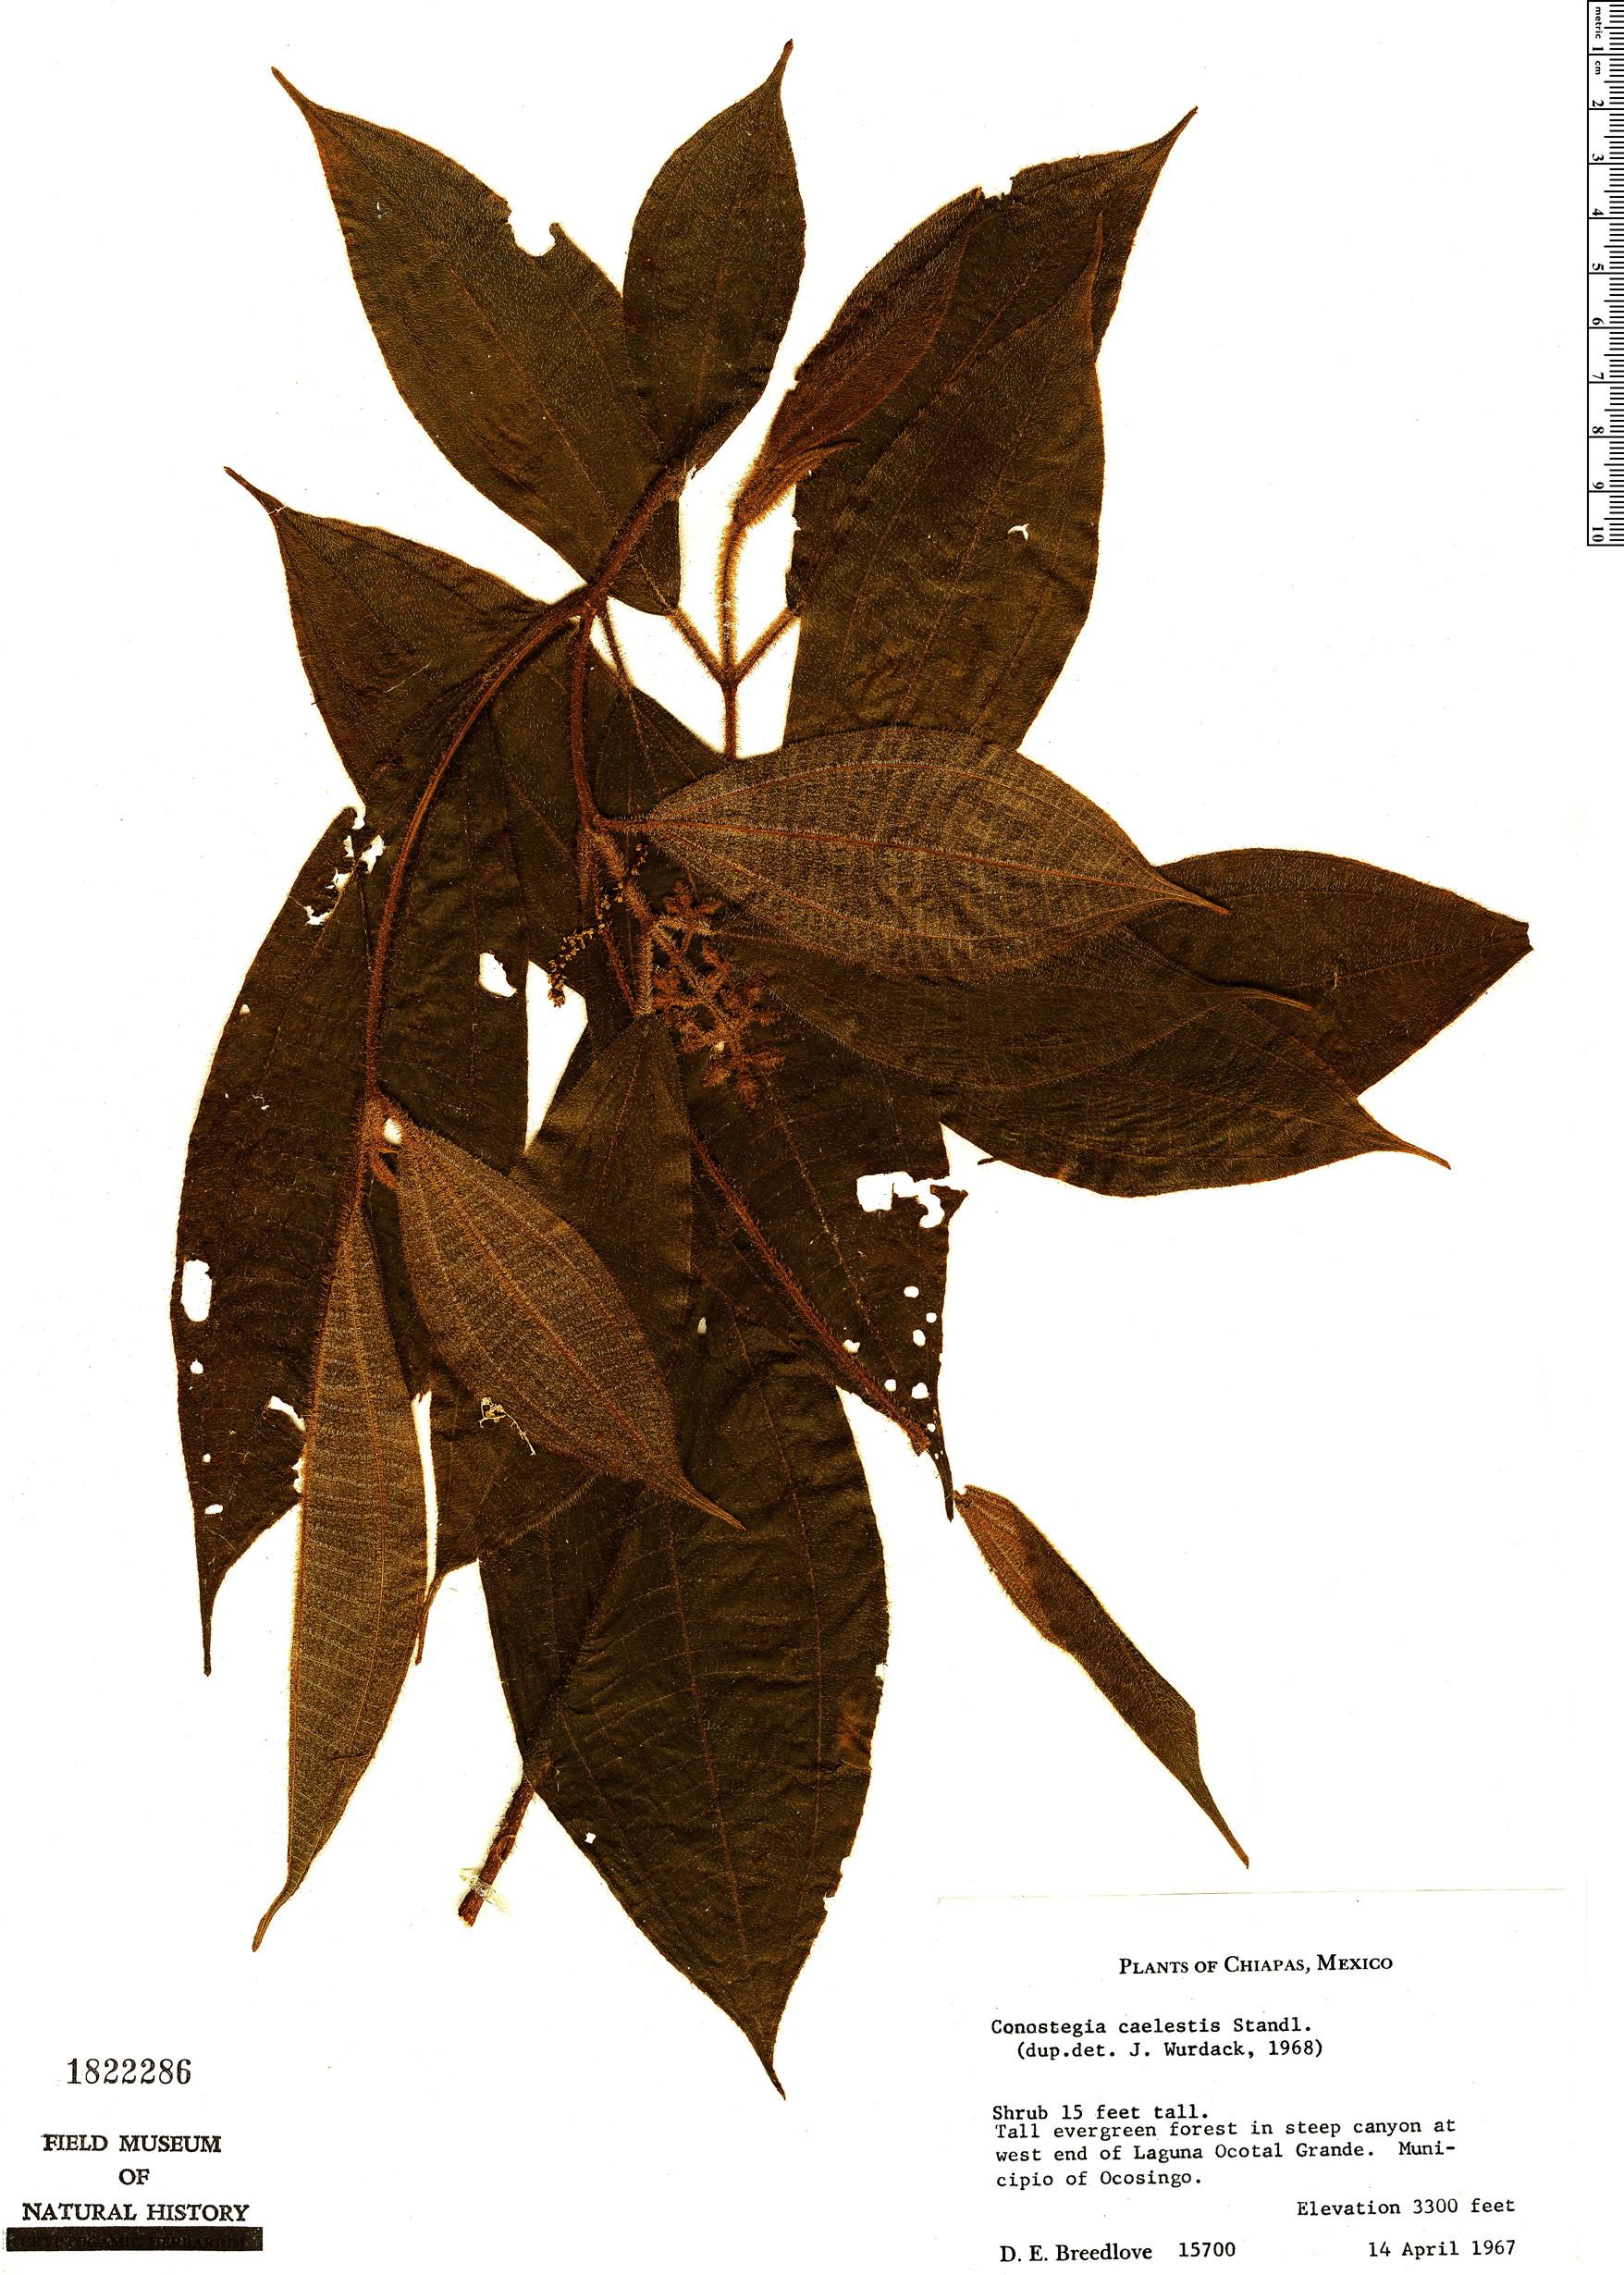 Specimen: Conostegia caelestis